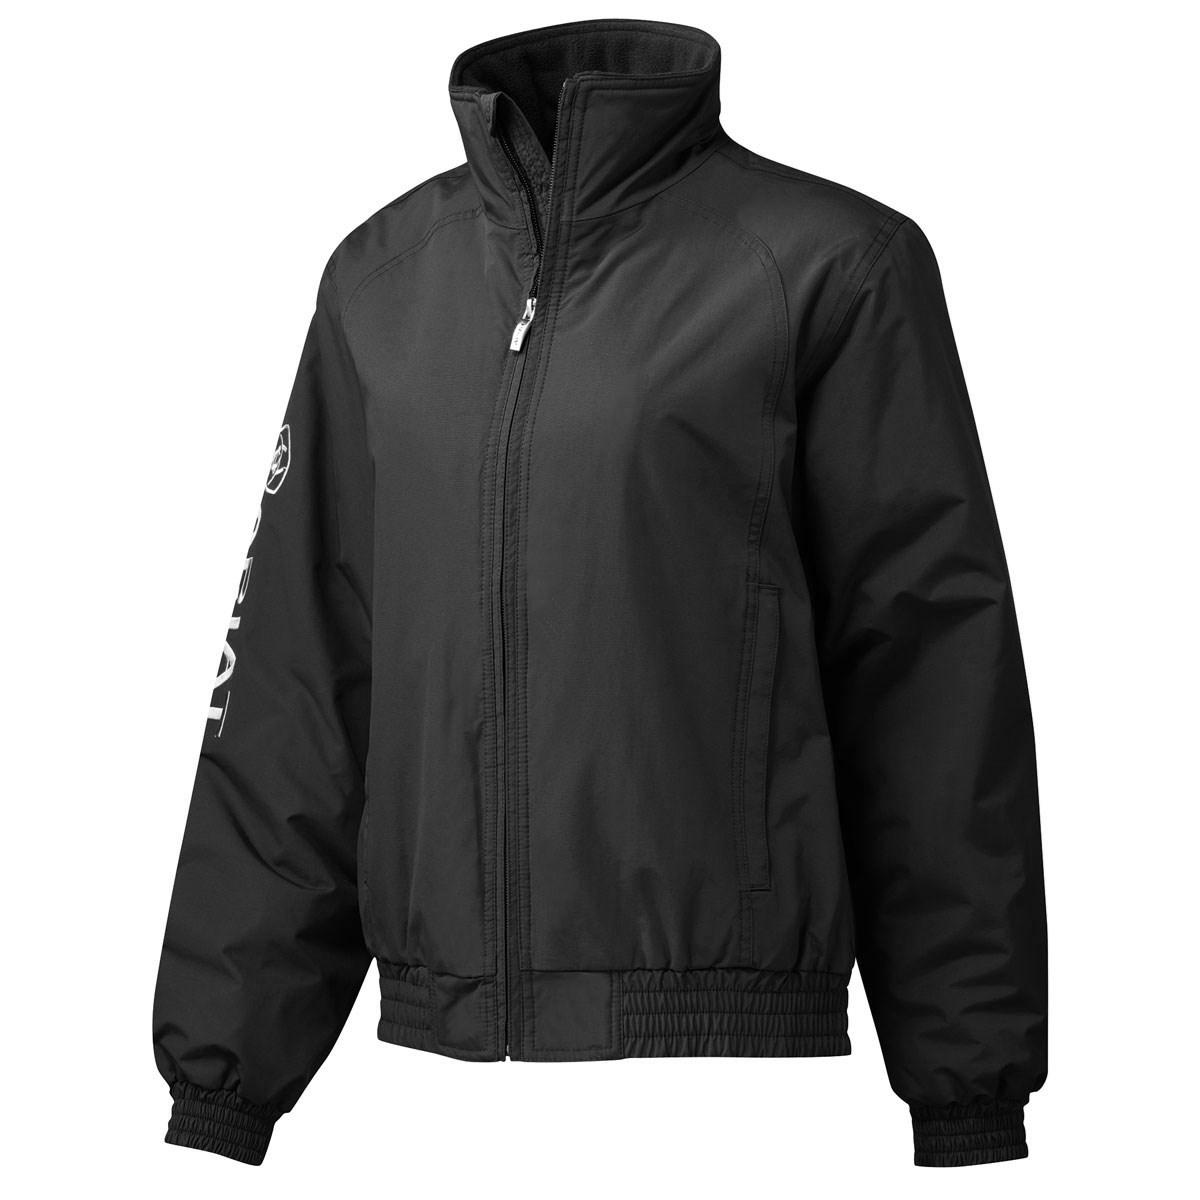 Ariat Ladies Waterproof Stable Team Blouson Jacket - Black